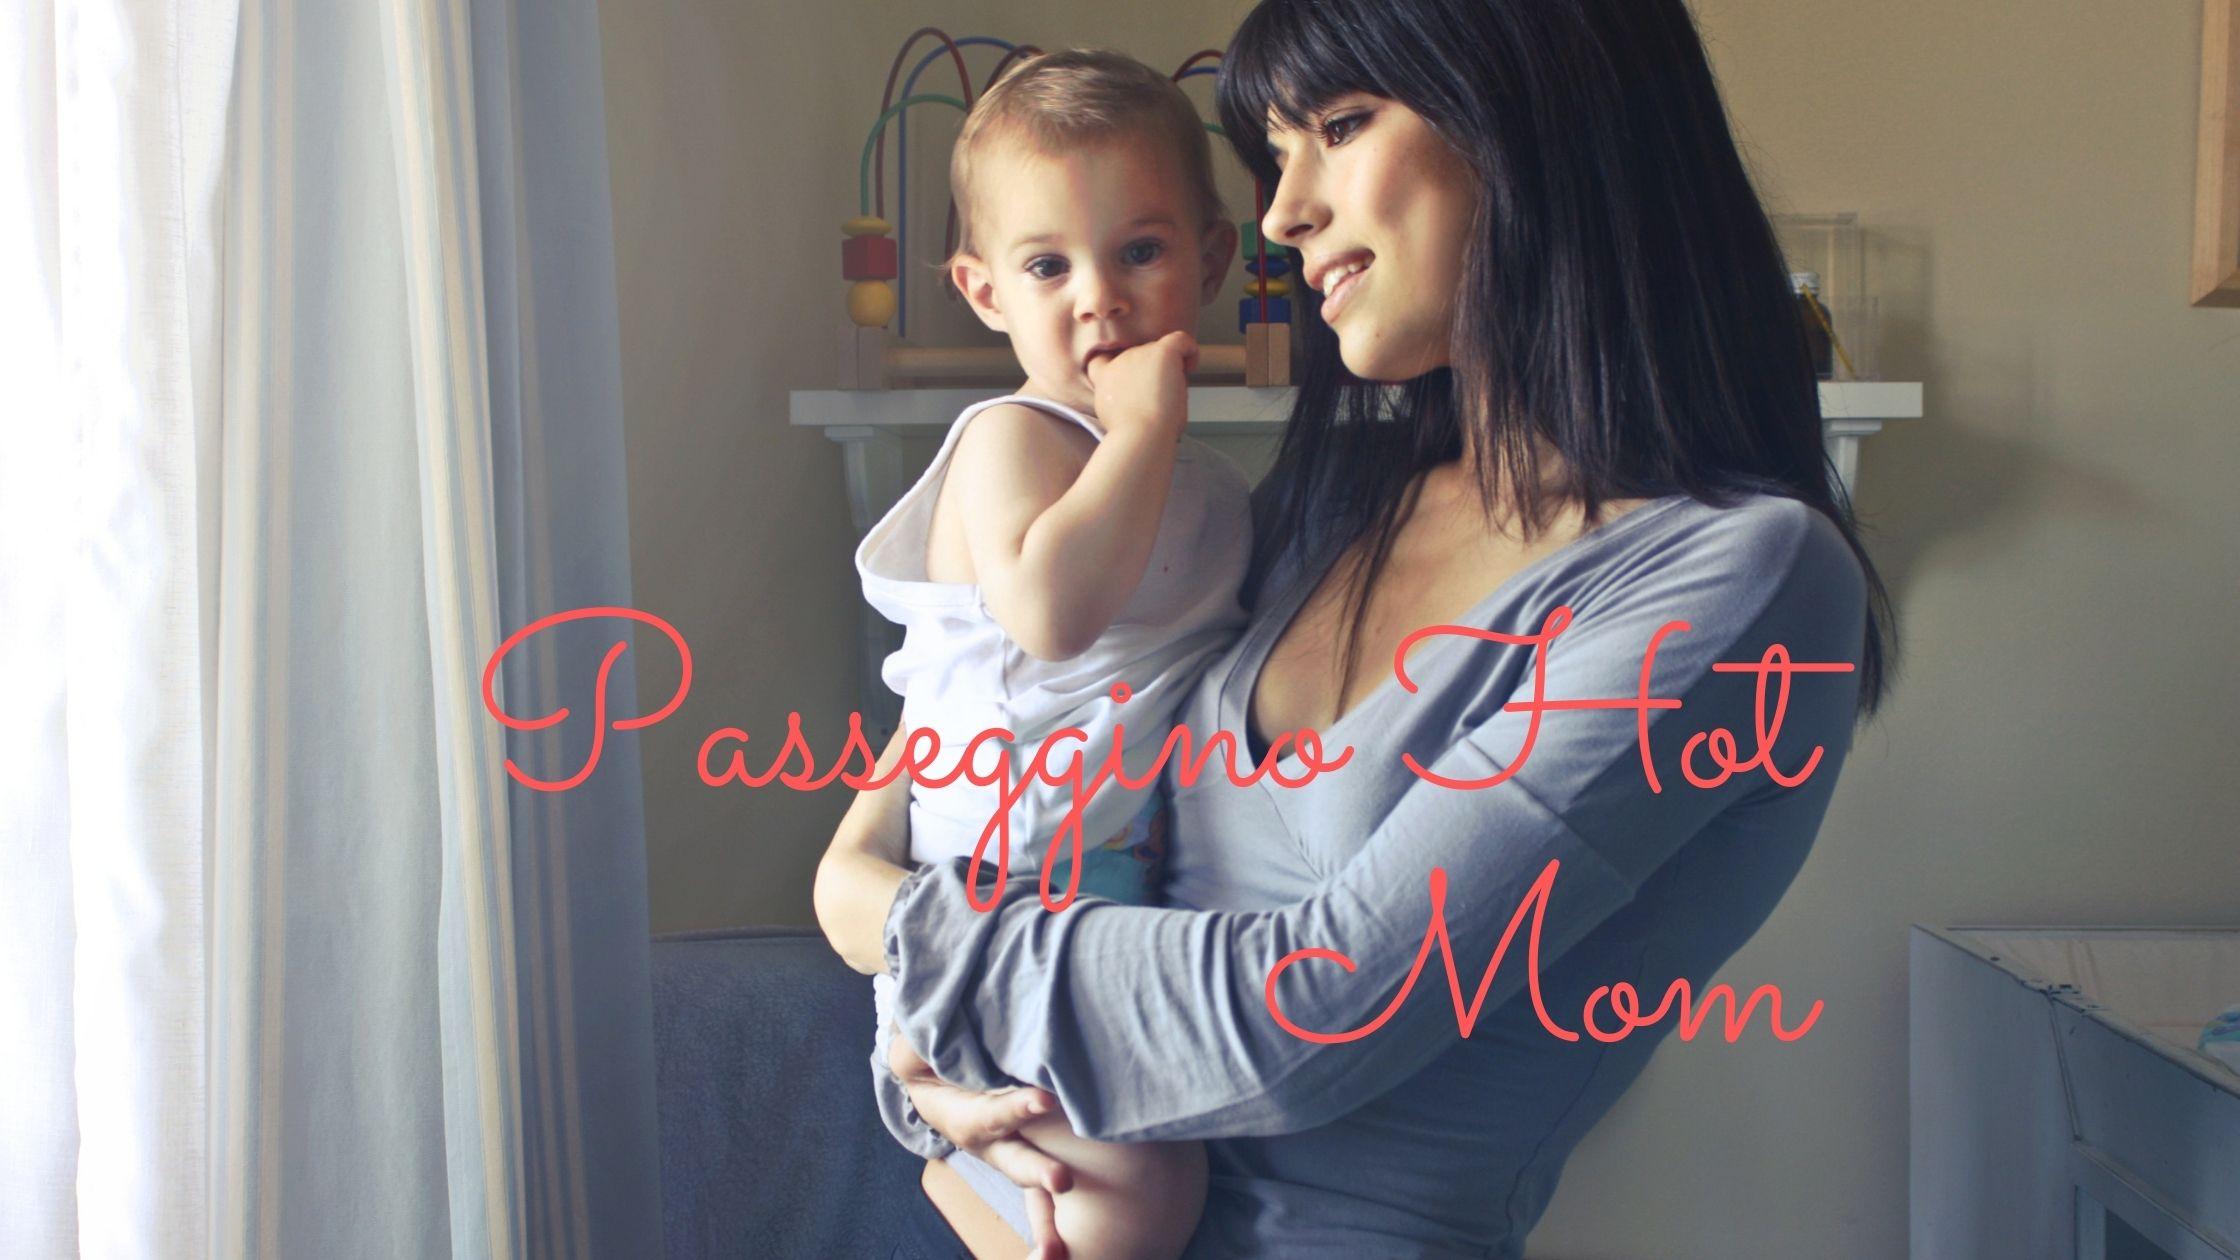 Passeggino Hot Mom